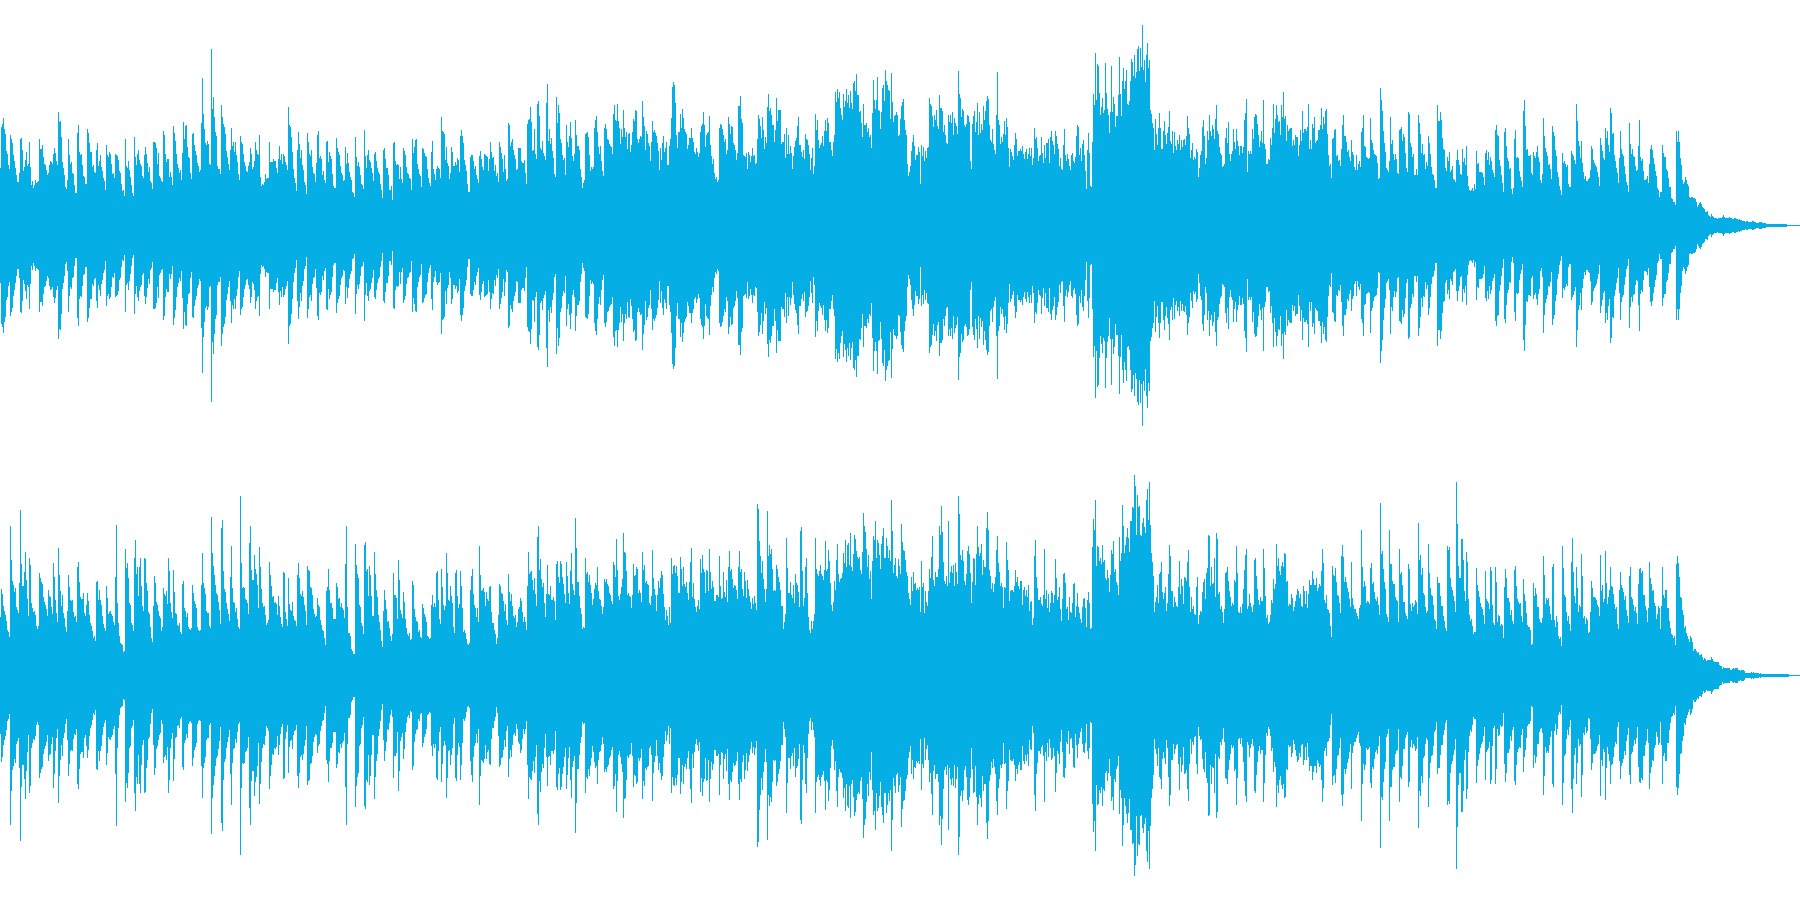 清楚で優雅なピアノワルツの再生済みの波形